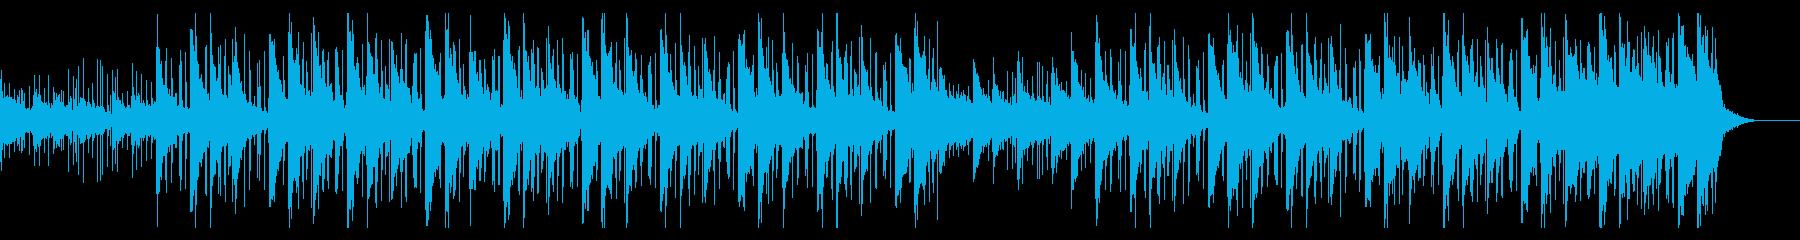 暖かくまろやかで、ボーカルFX、ピアノ、の再生済みの波形